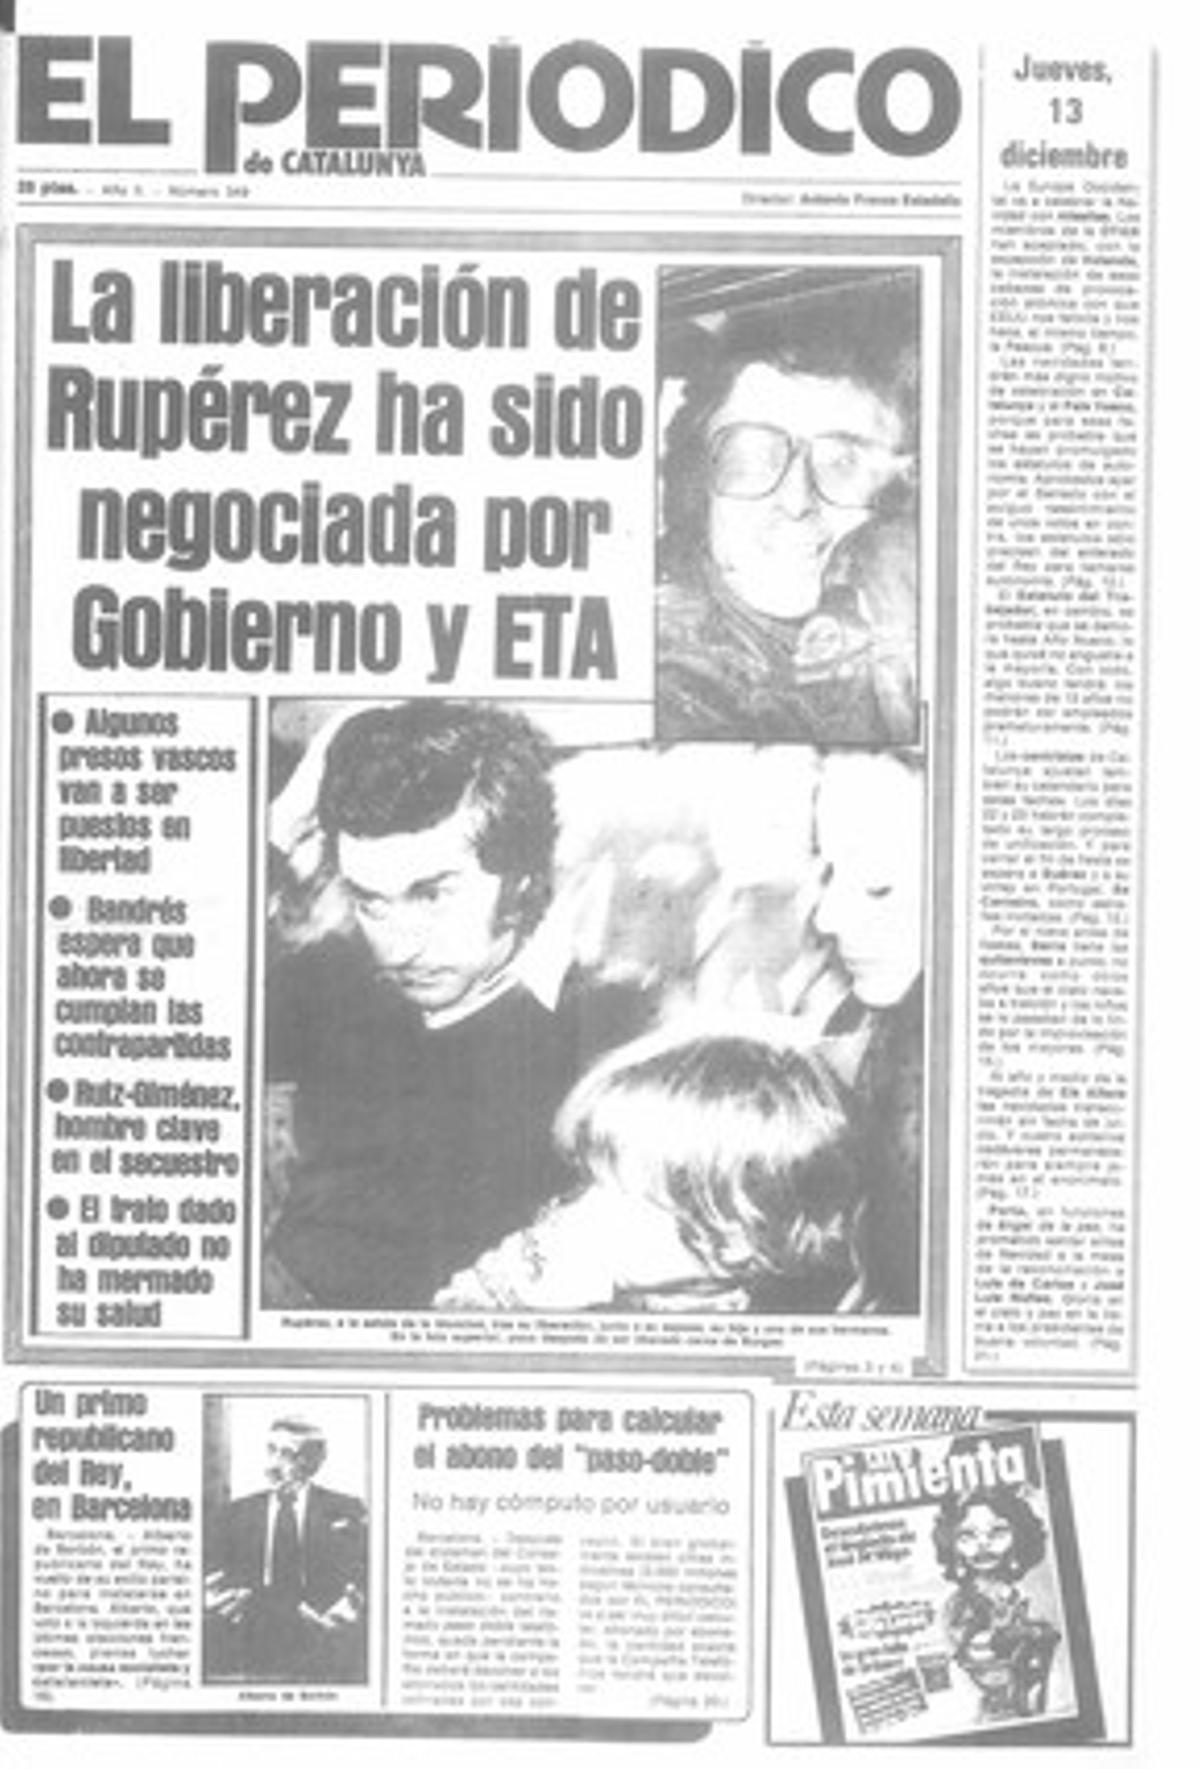 Acaba el secuestro de Javier Rupérez. 13/12/1979